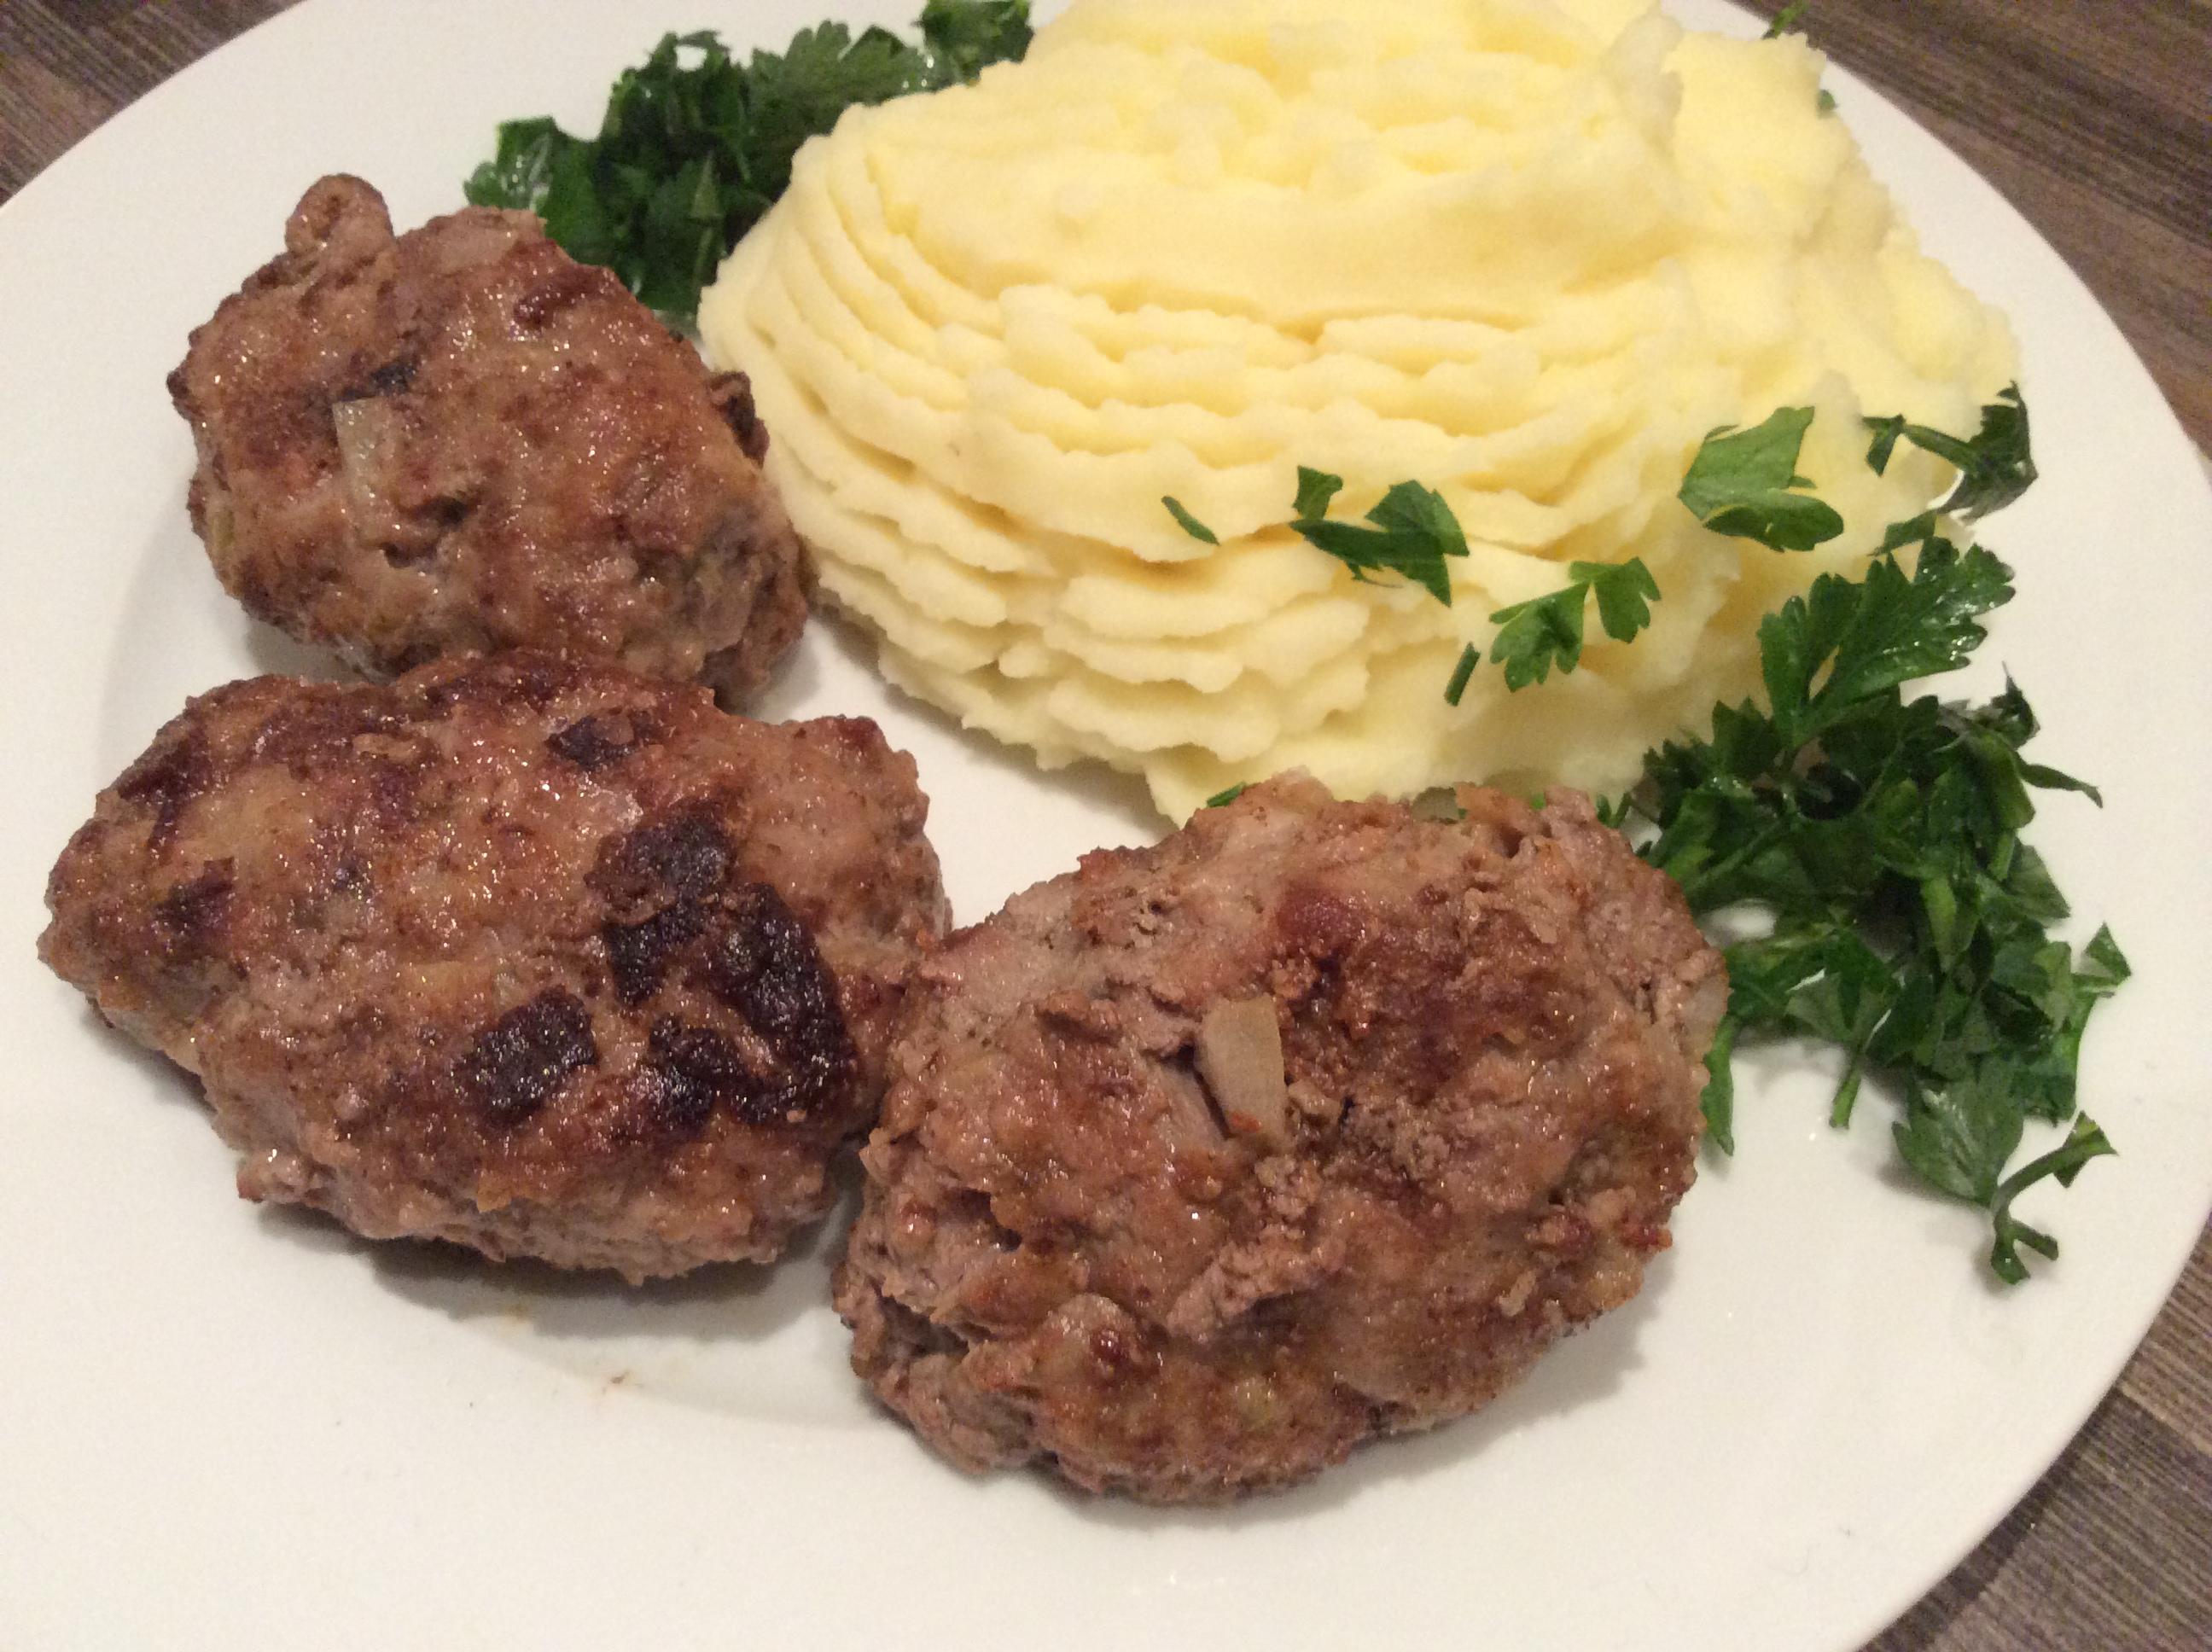 Russian kotleti burgers recipe